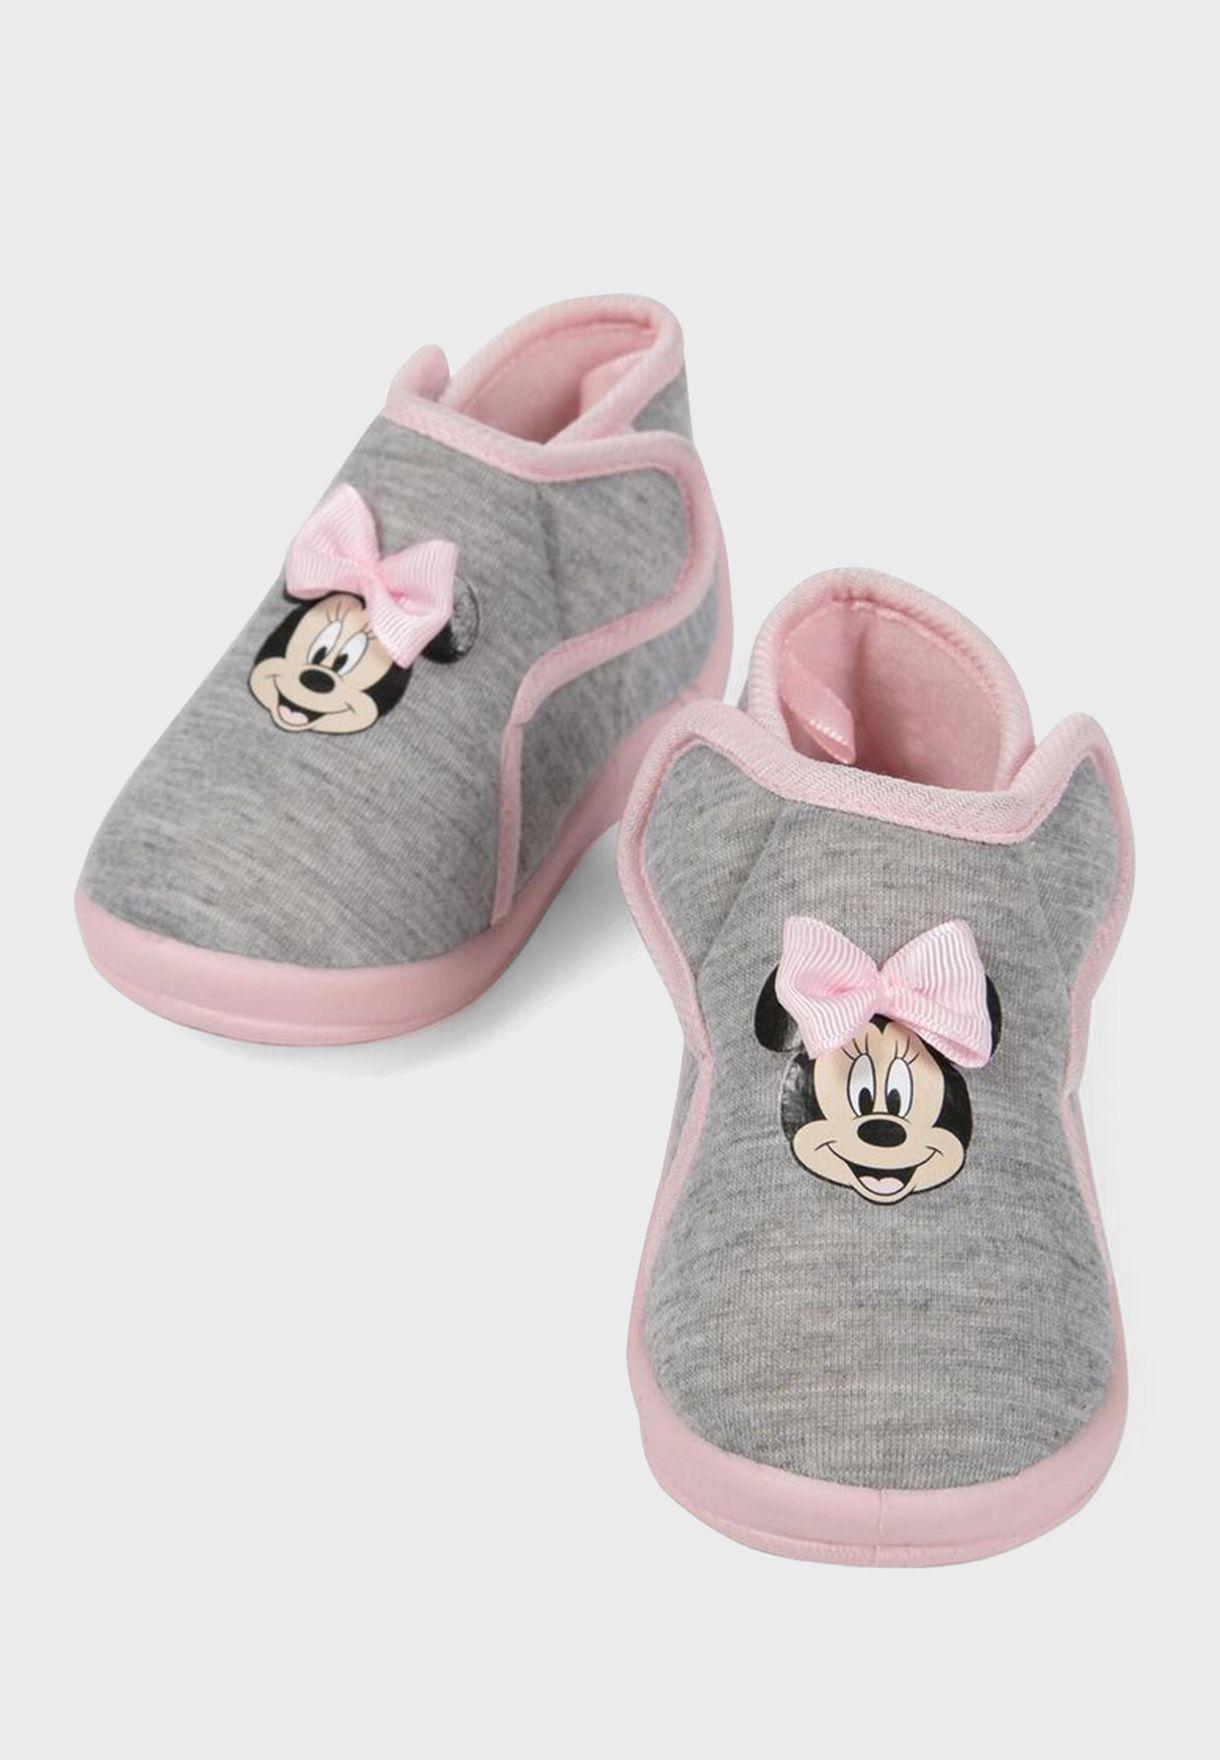 حذاء بطبعة ميني ماوس